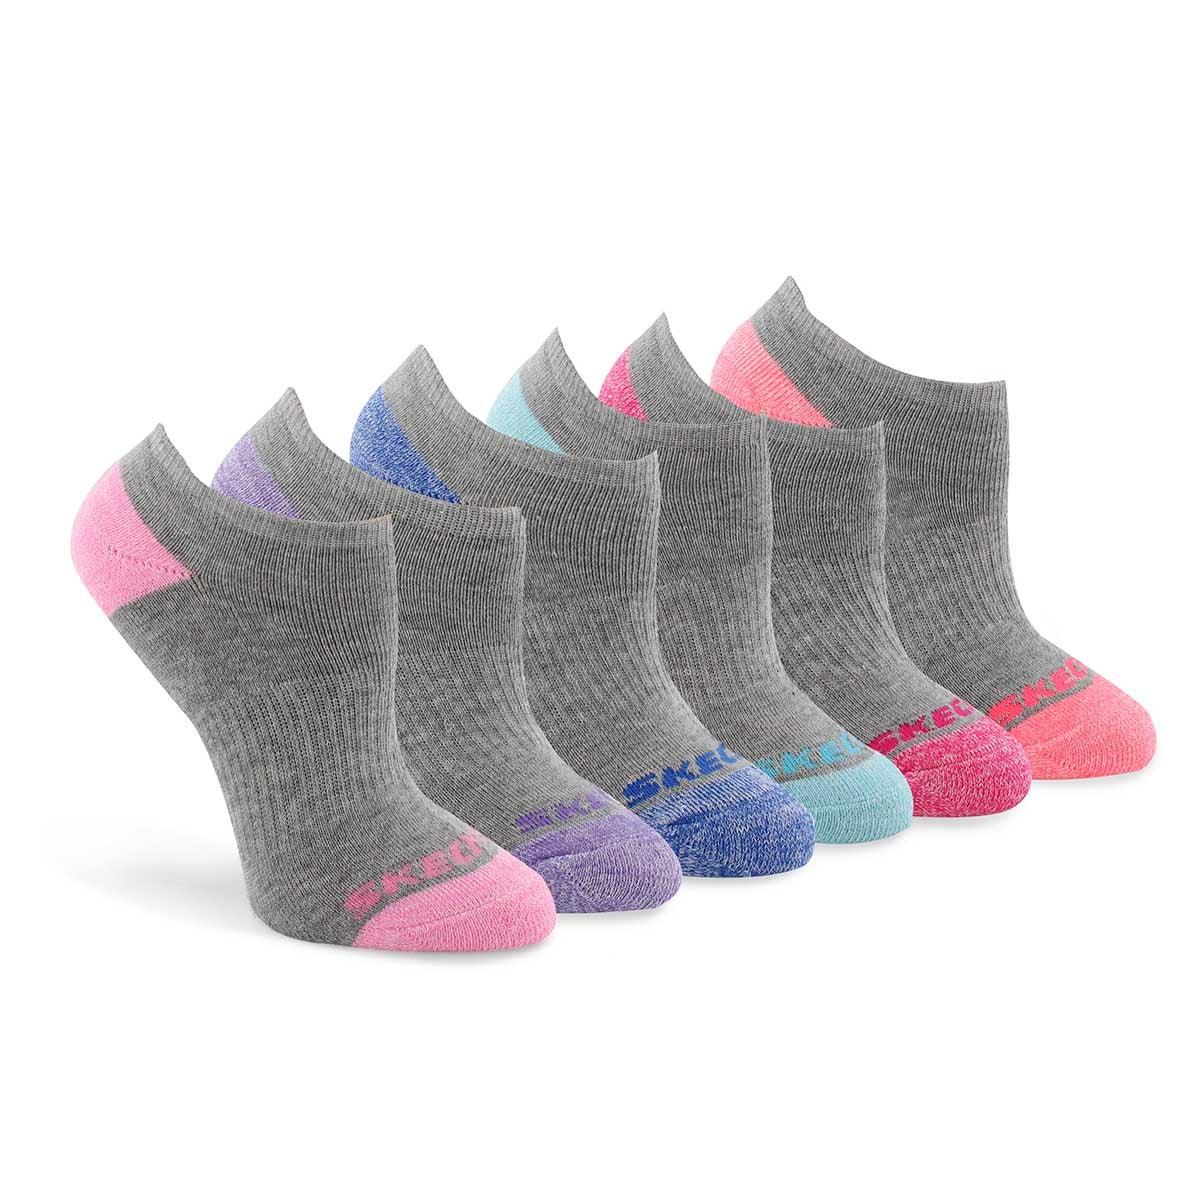 Girls NO SHOW FULL TERRY MED grey socks 6 pack